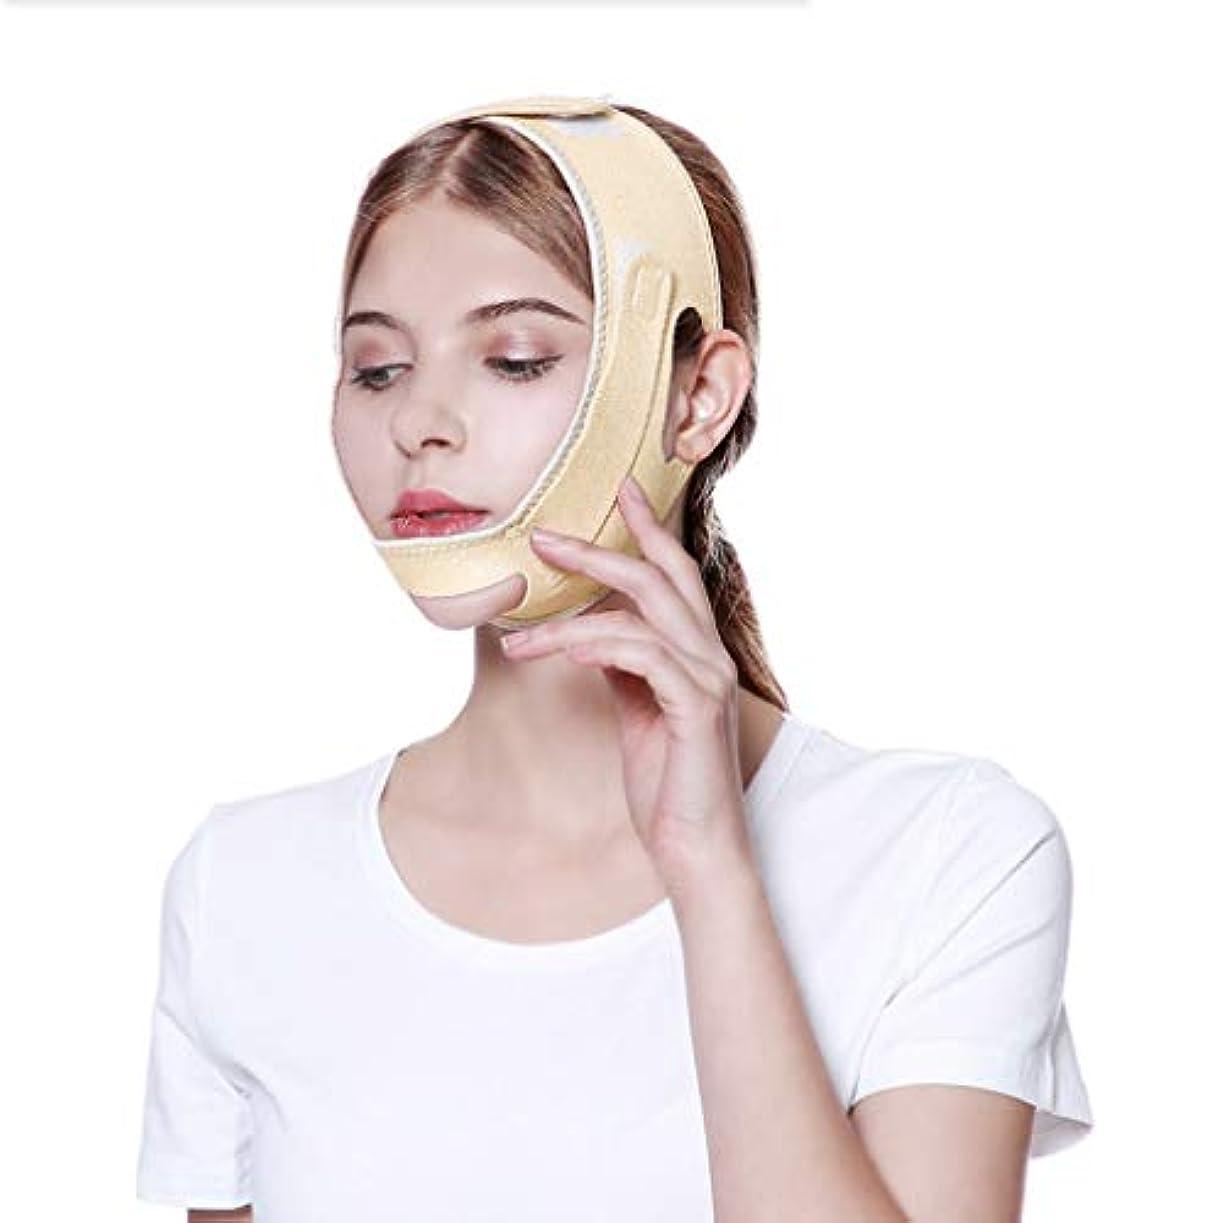 大事にするキャメルリズム顔面重量損失顔包帯 v 顔楽器顔ツールマスクライン彫刻手術回復ヘッドギアダブルあご